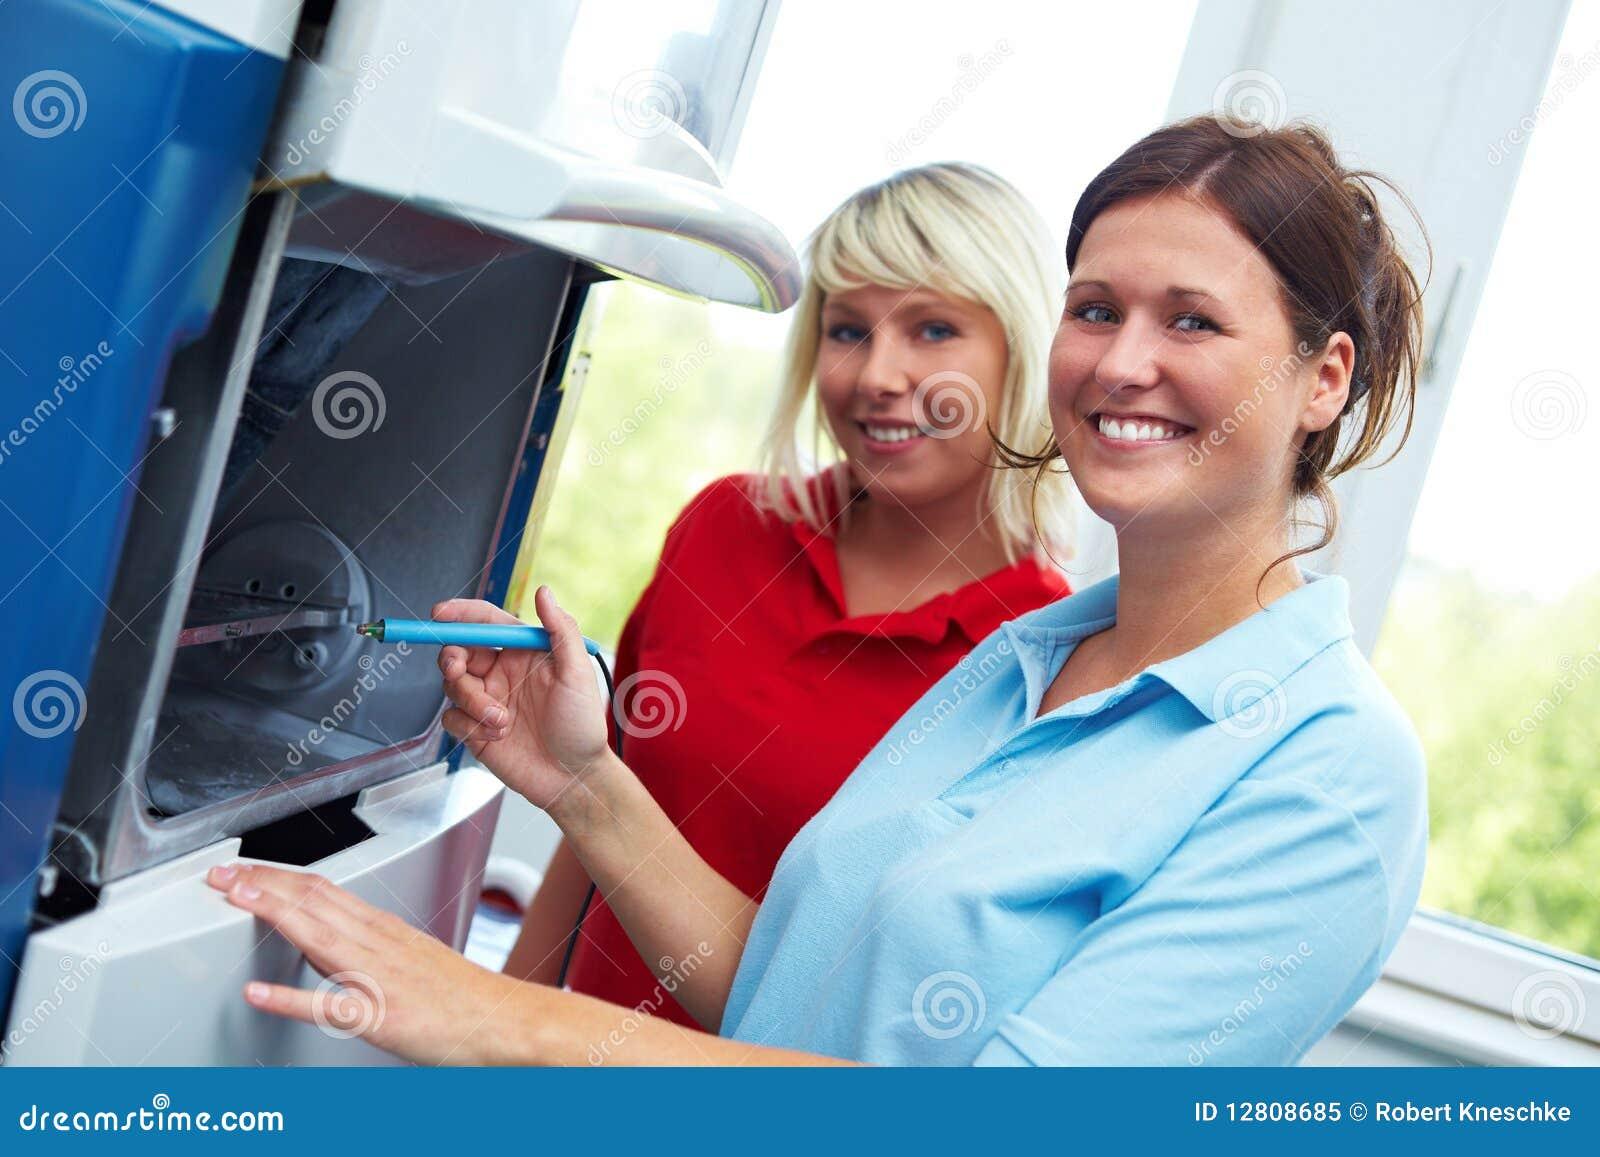 Técnicos dentais em um CAD-CAM